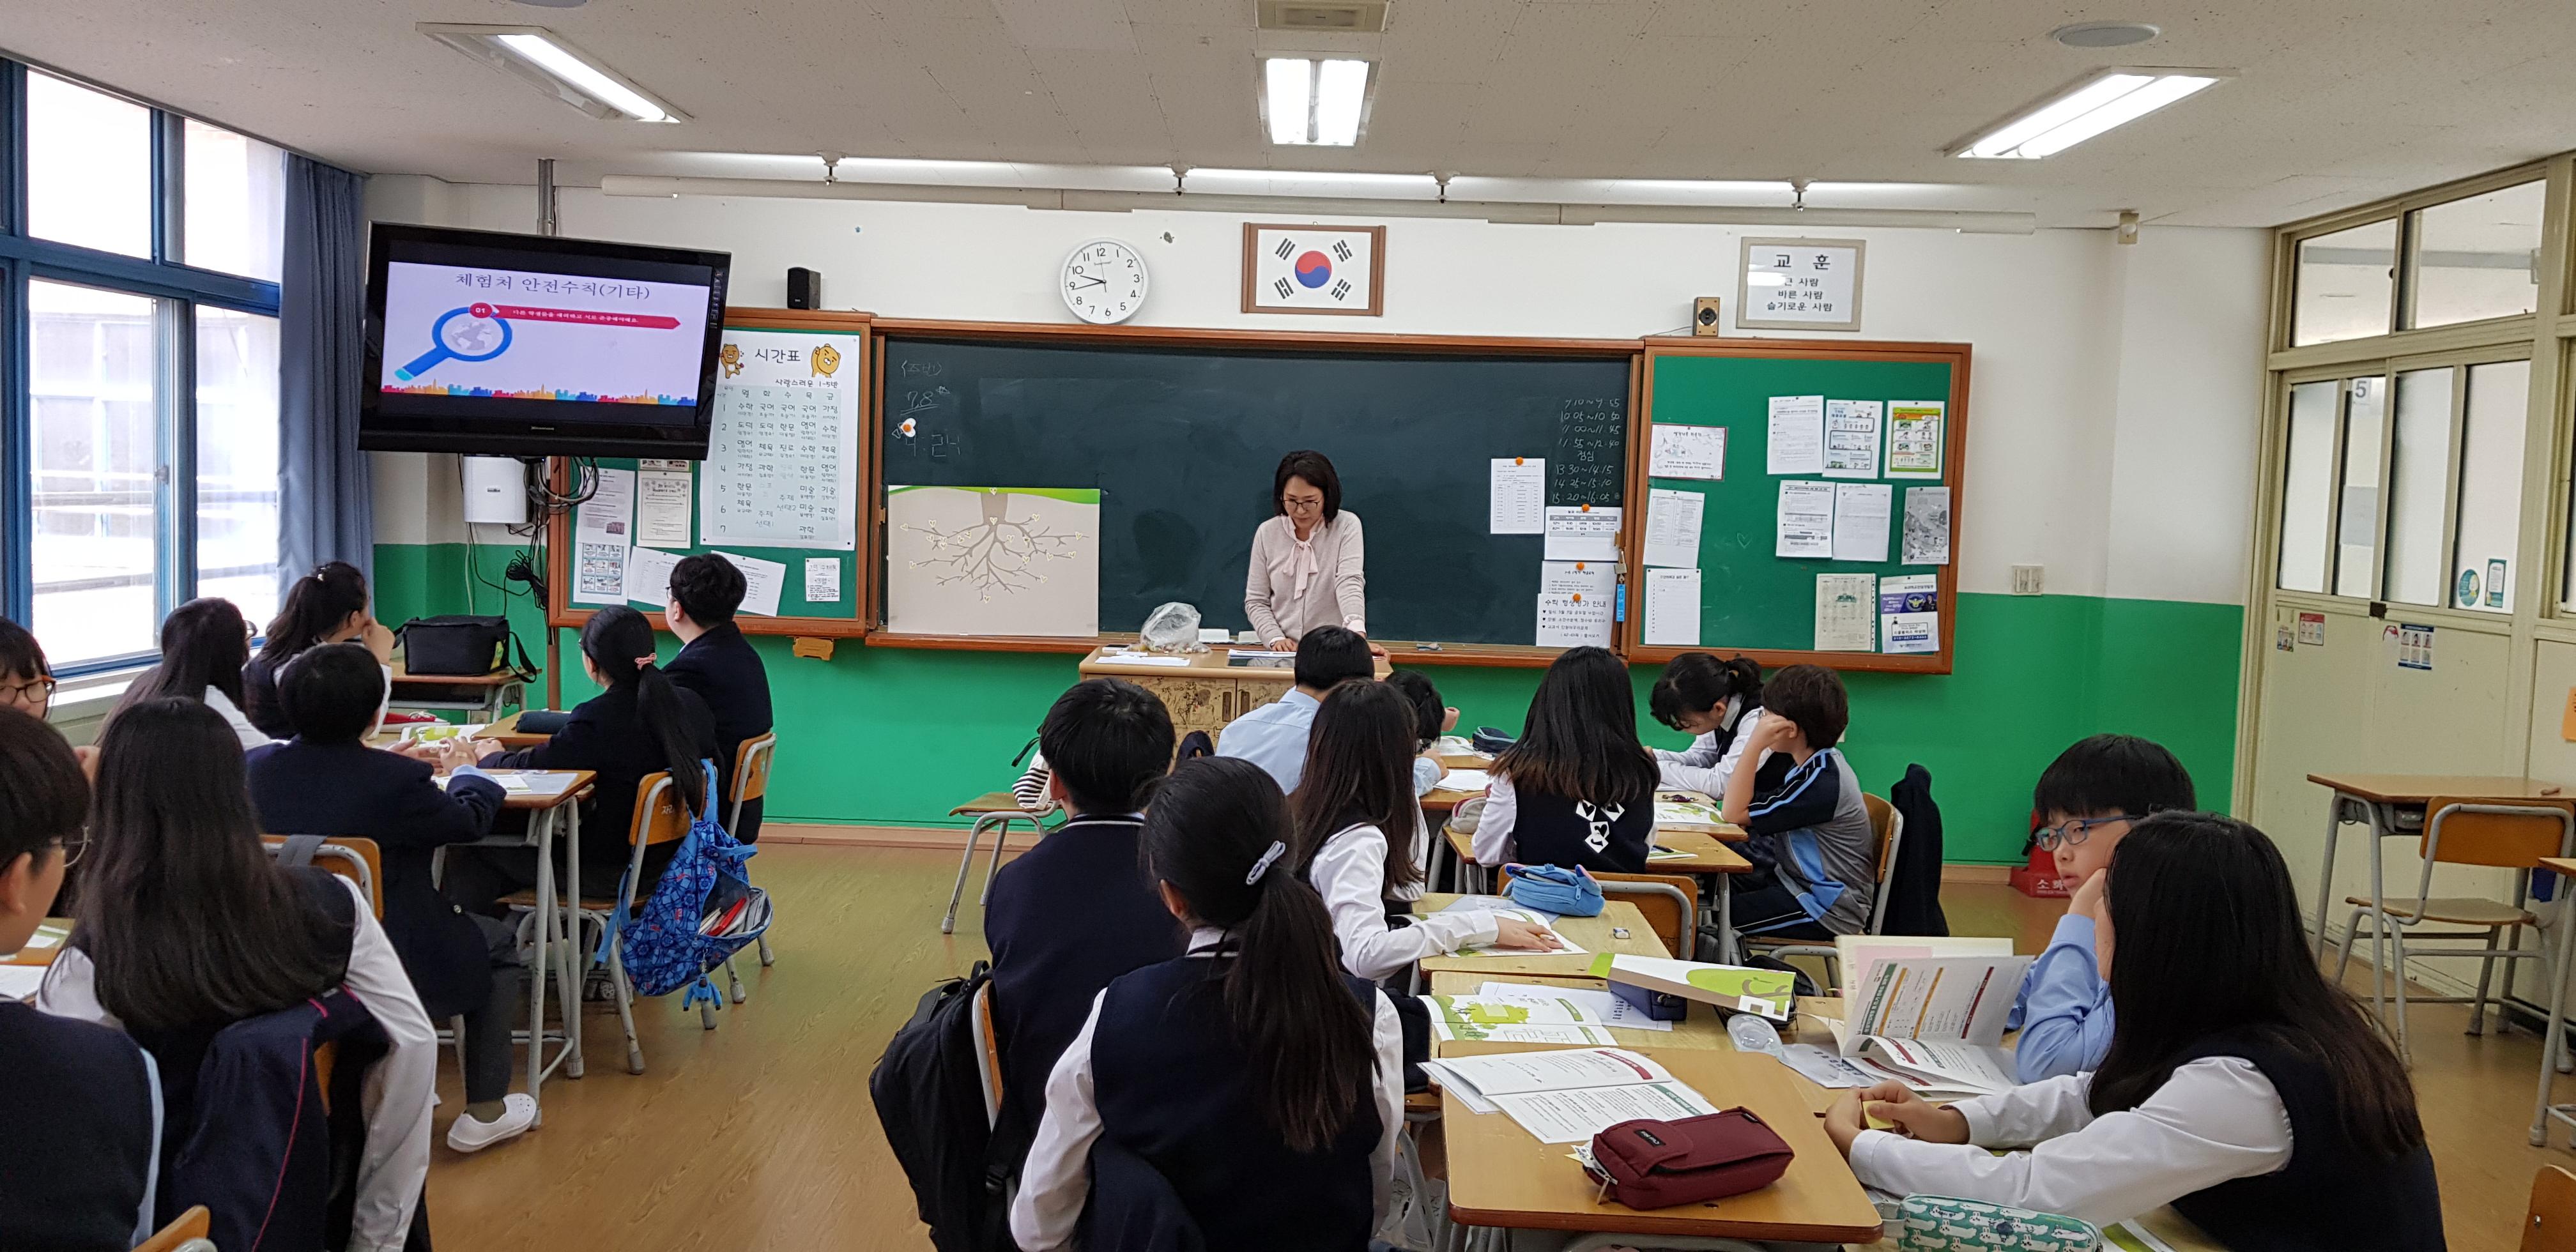 20190424 숭인중학교 사전교육 (10) (곽)